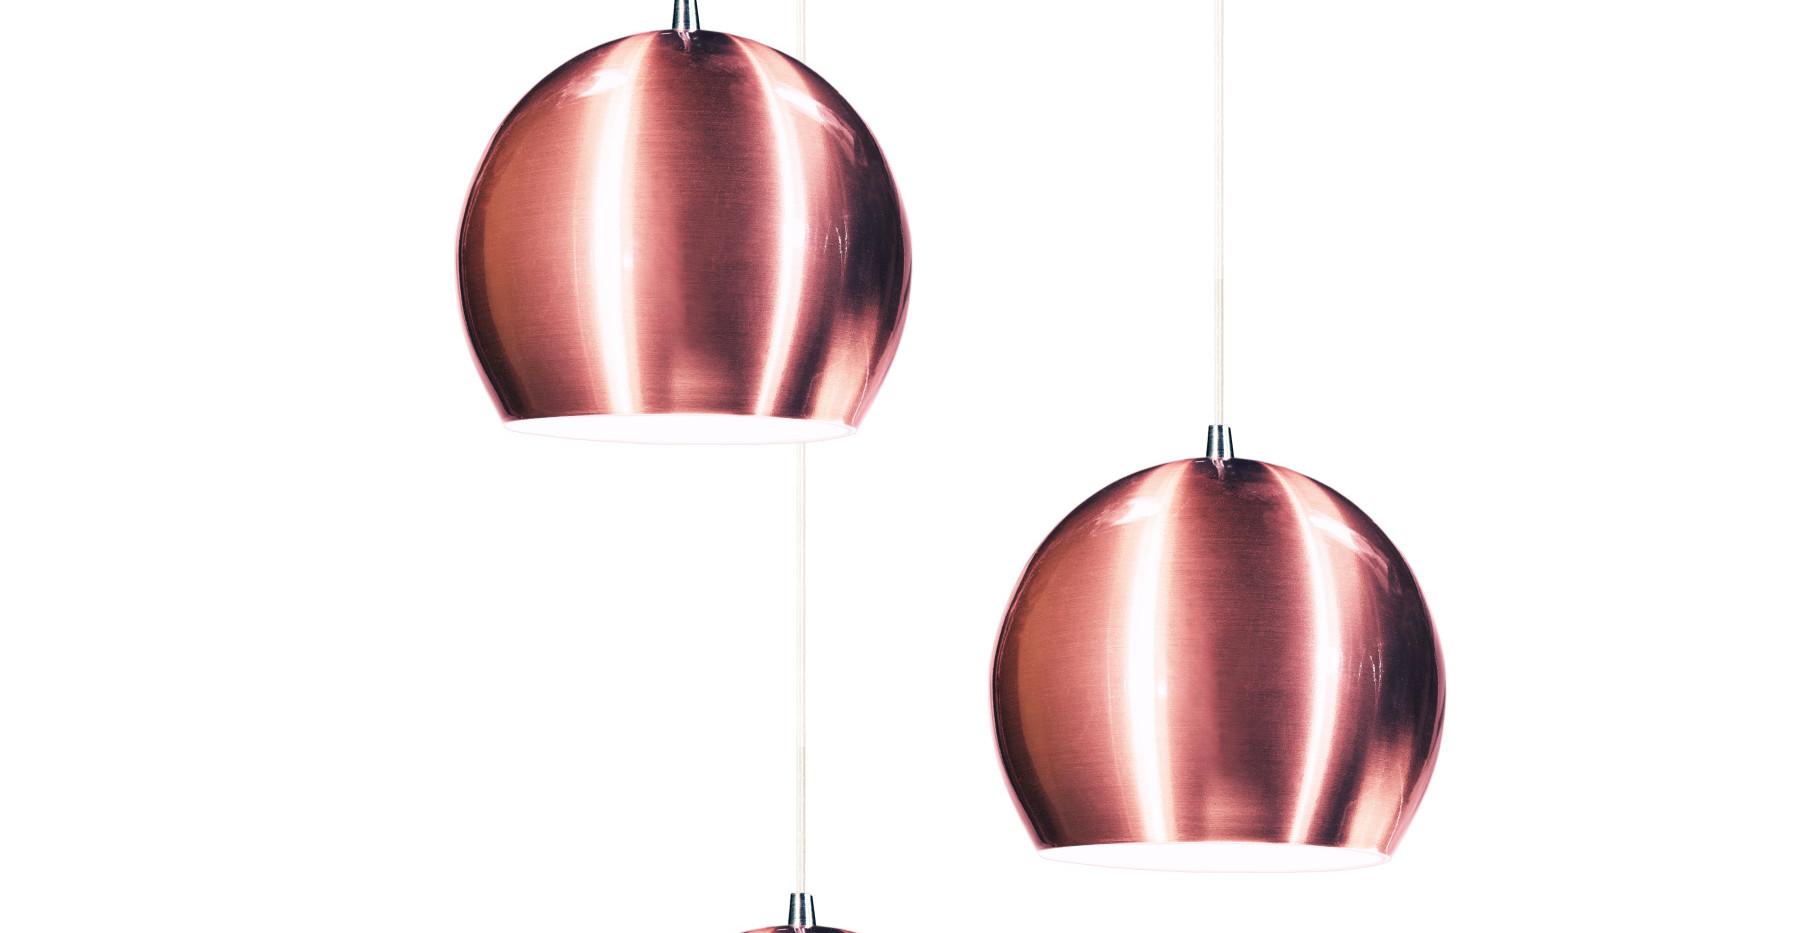 lustre conflate triplo rose.jpg